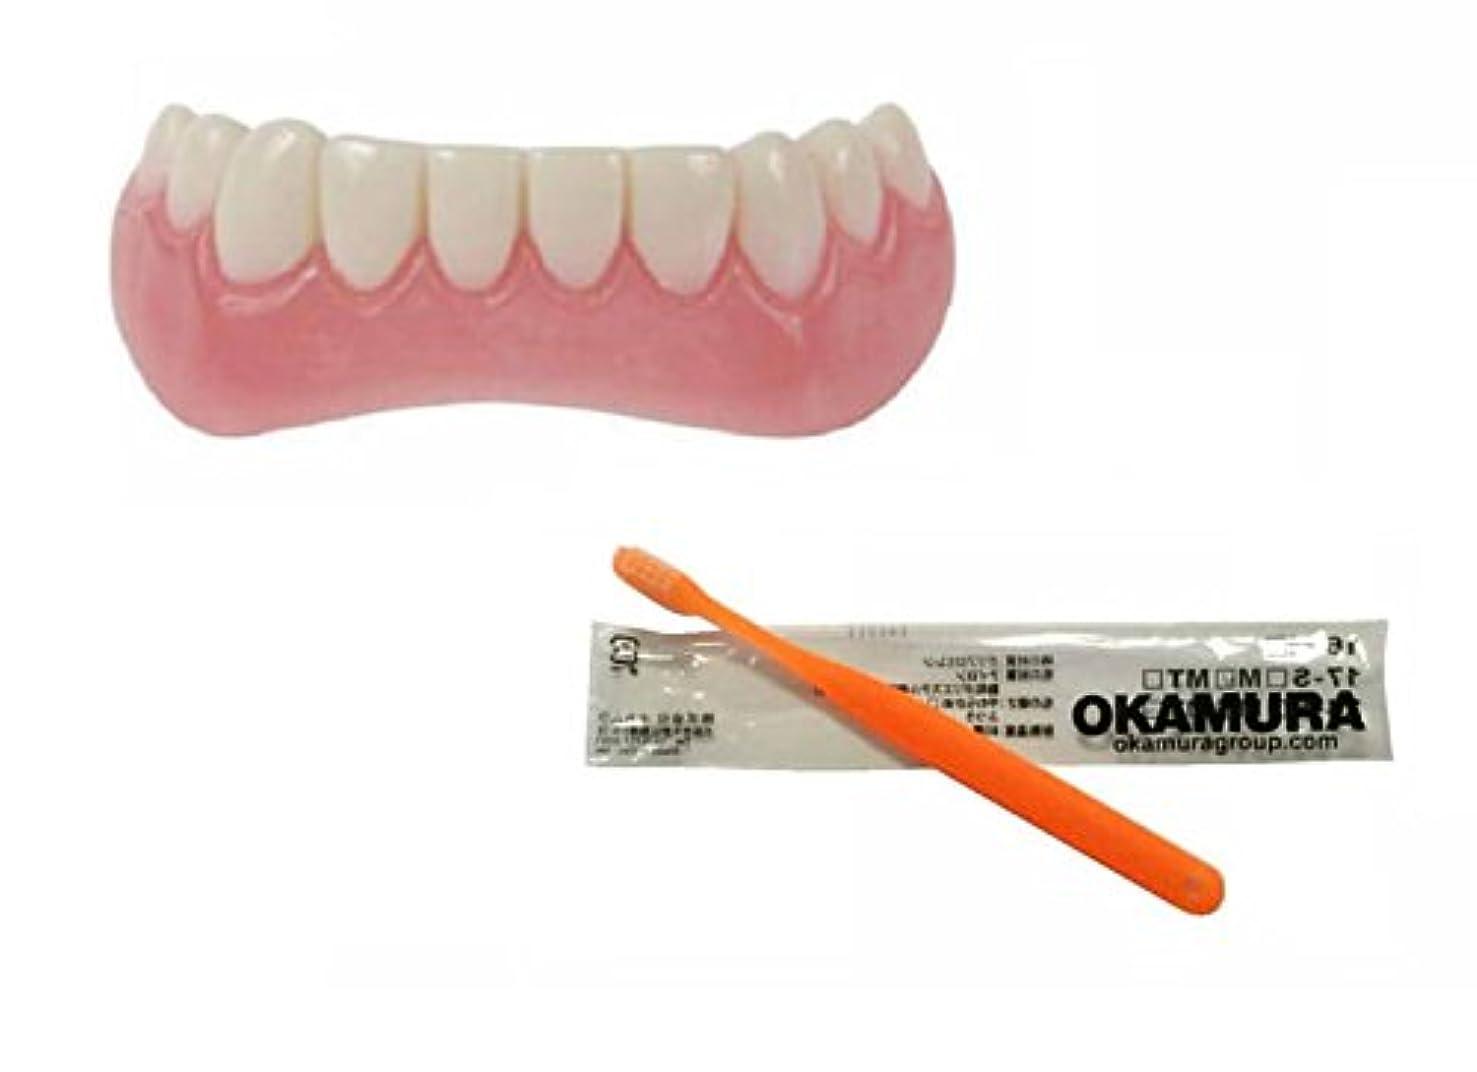 アクティビティ検索露骨なインスタントスマイル 下歯用 フリーサイズ + OKAMURA 歯科医推奨歯ブラシ セット